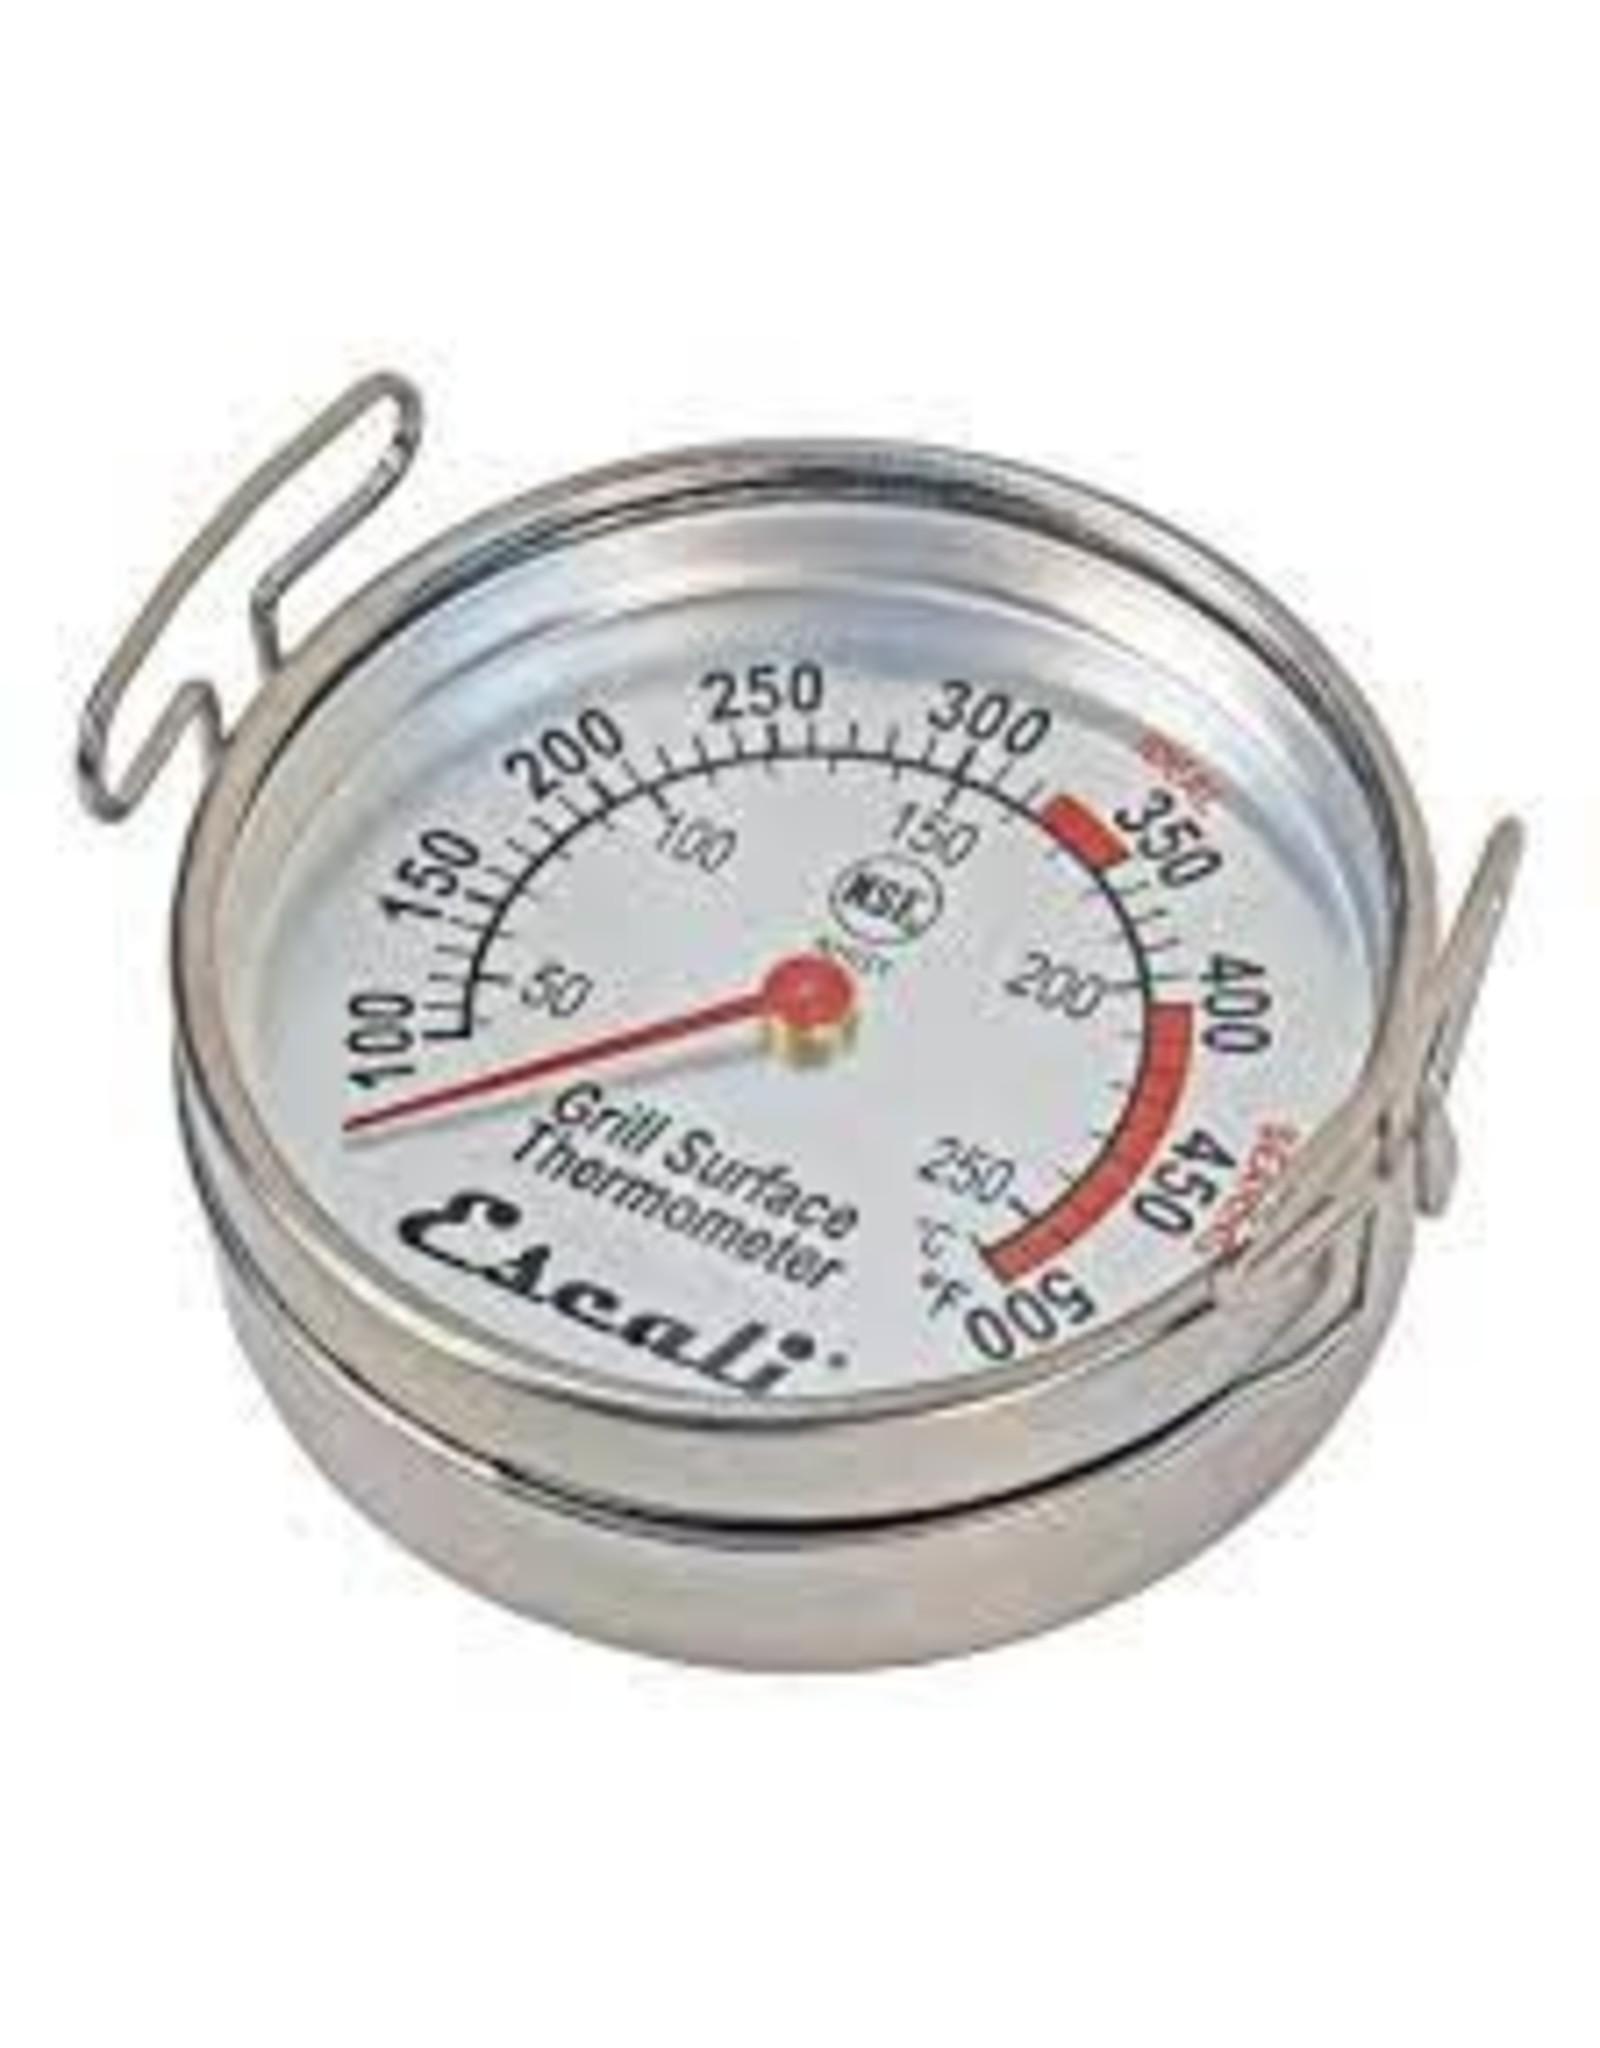 Escali ESCALI XL Grill Surface Thermometer